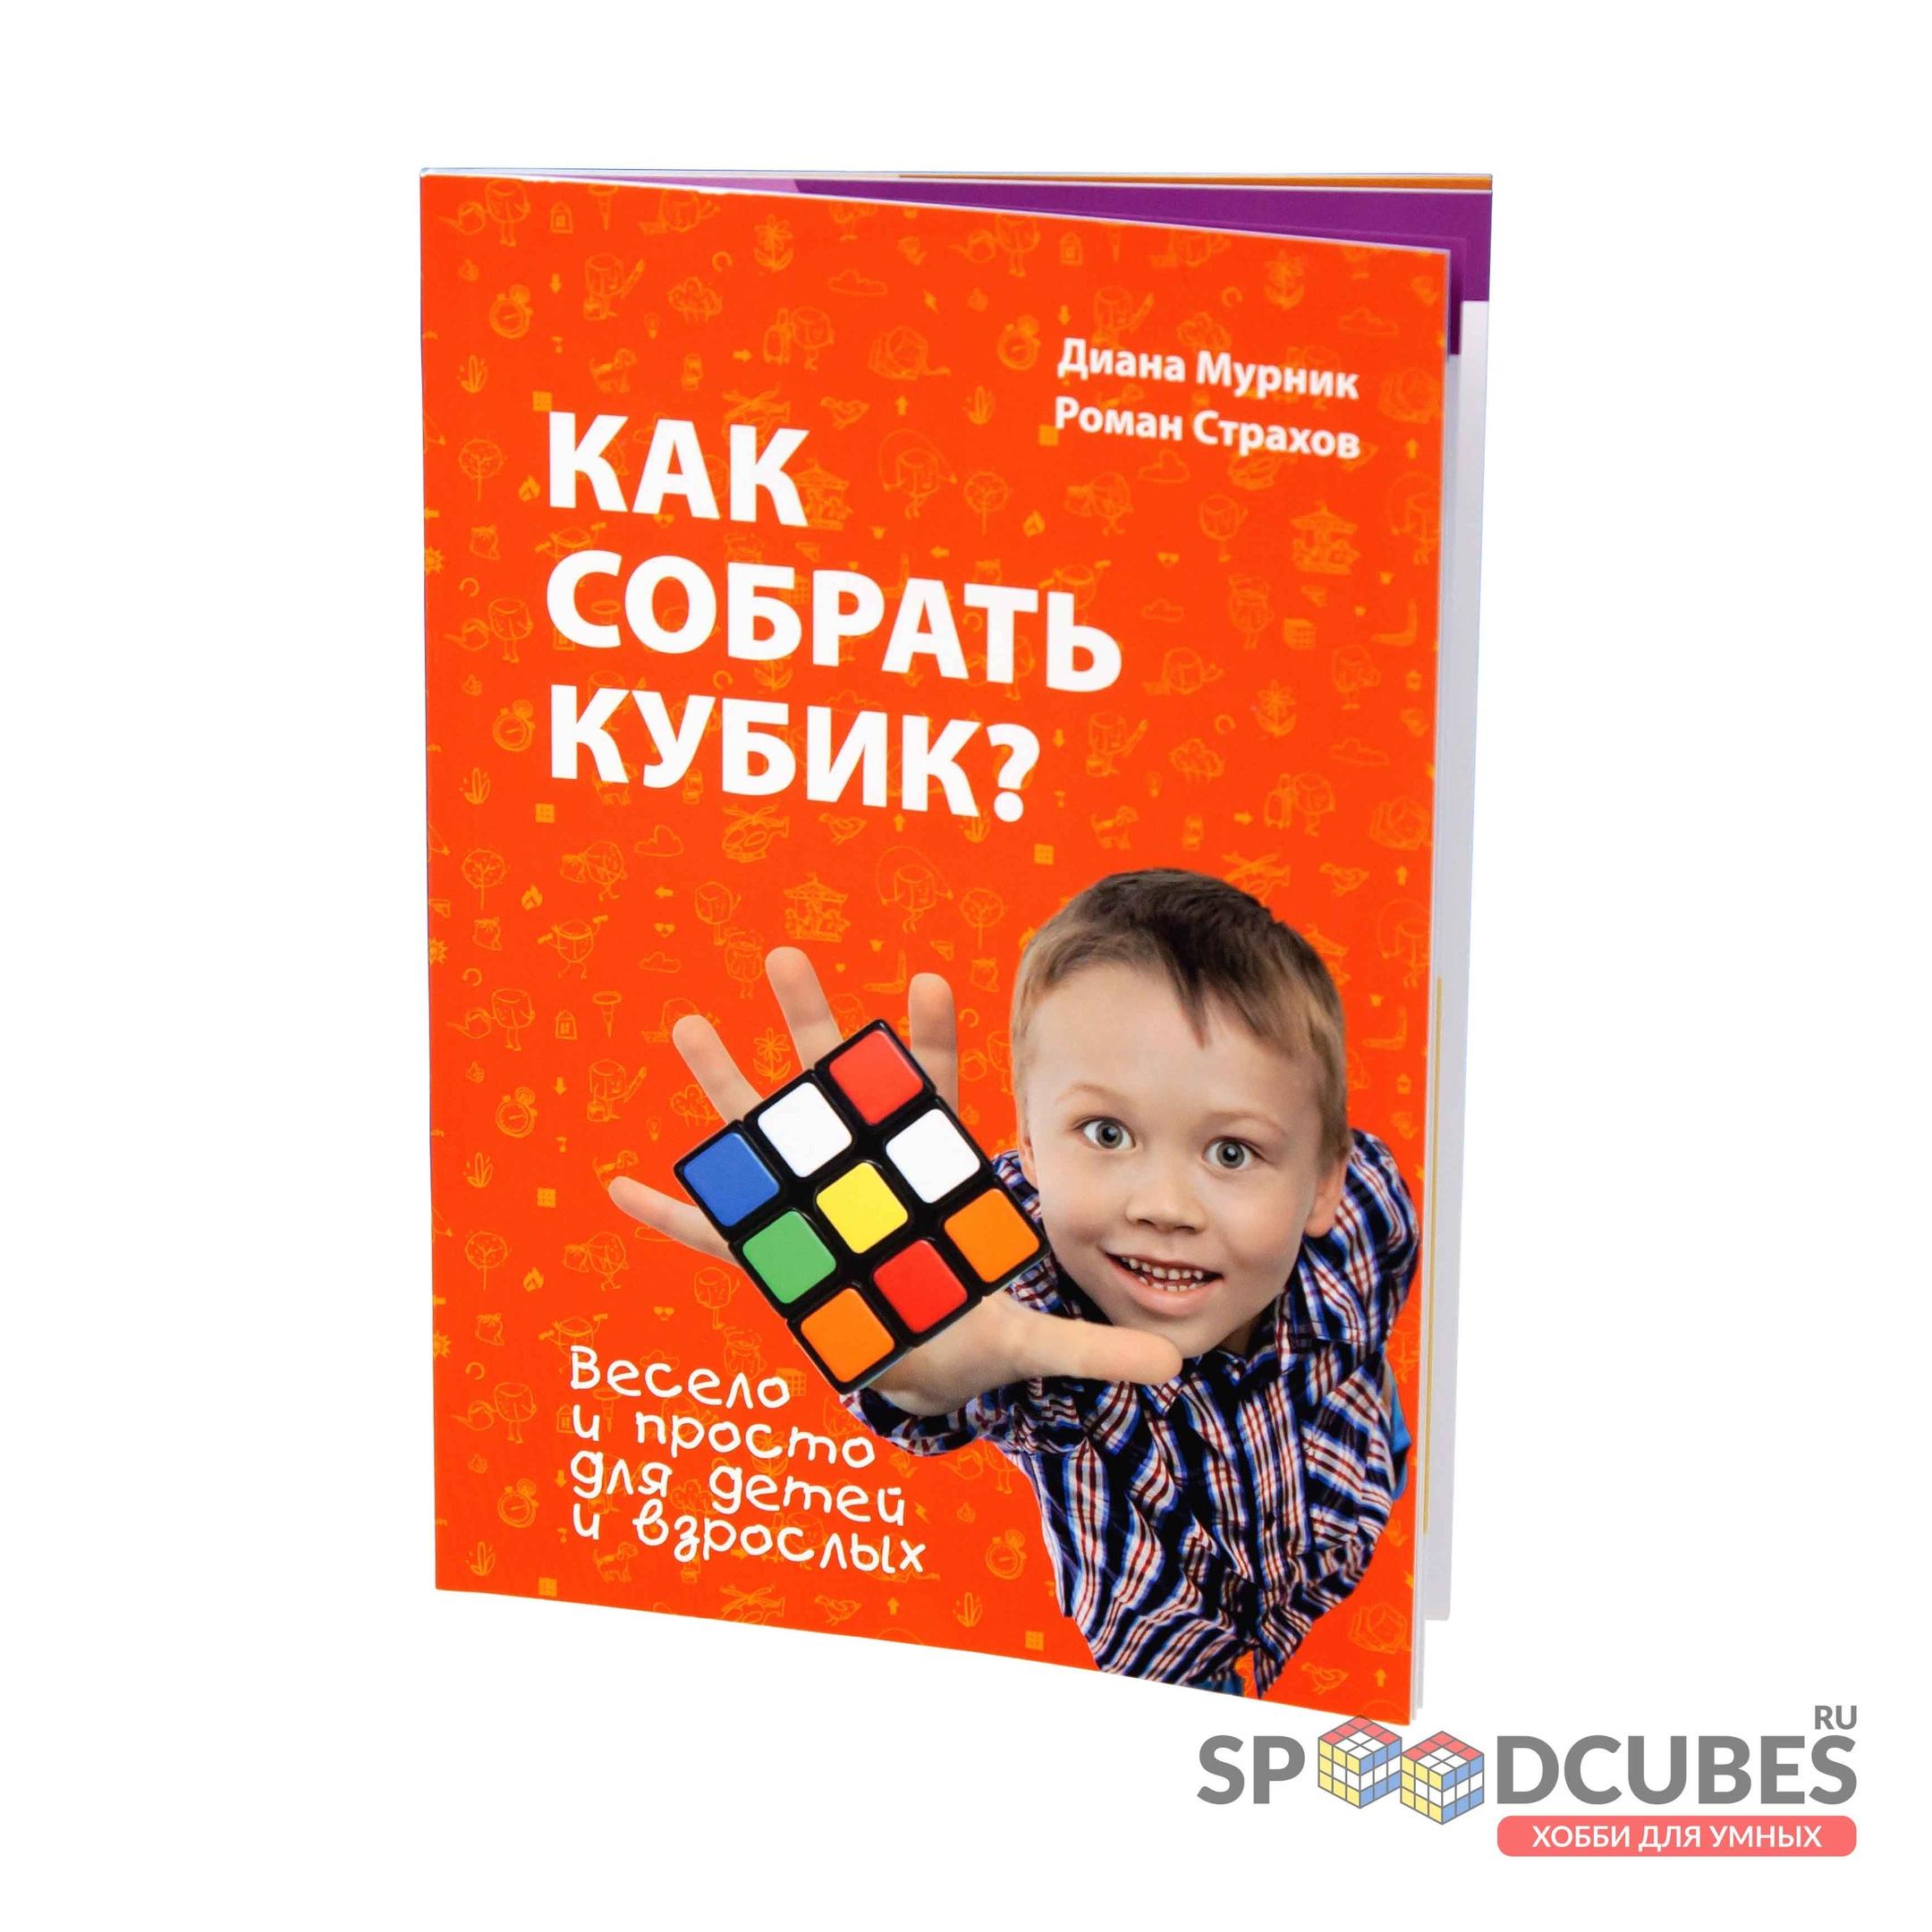 Книга «Как собрать кубик?»